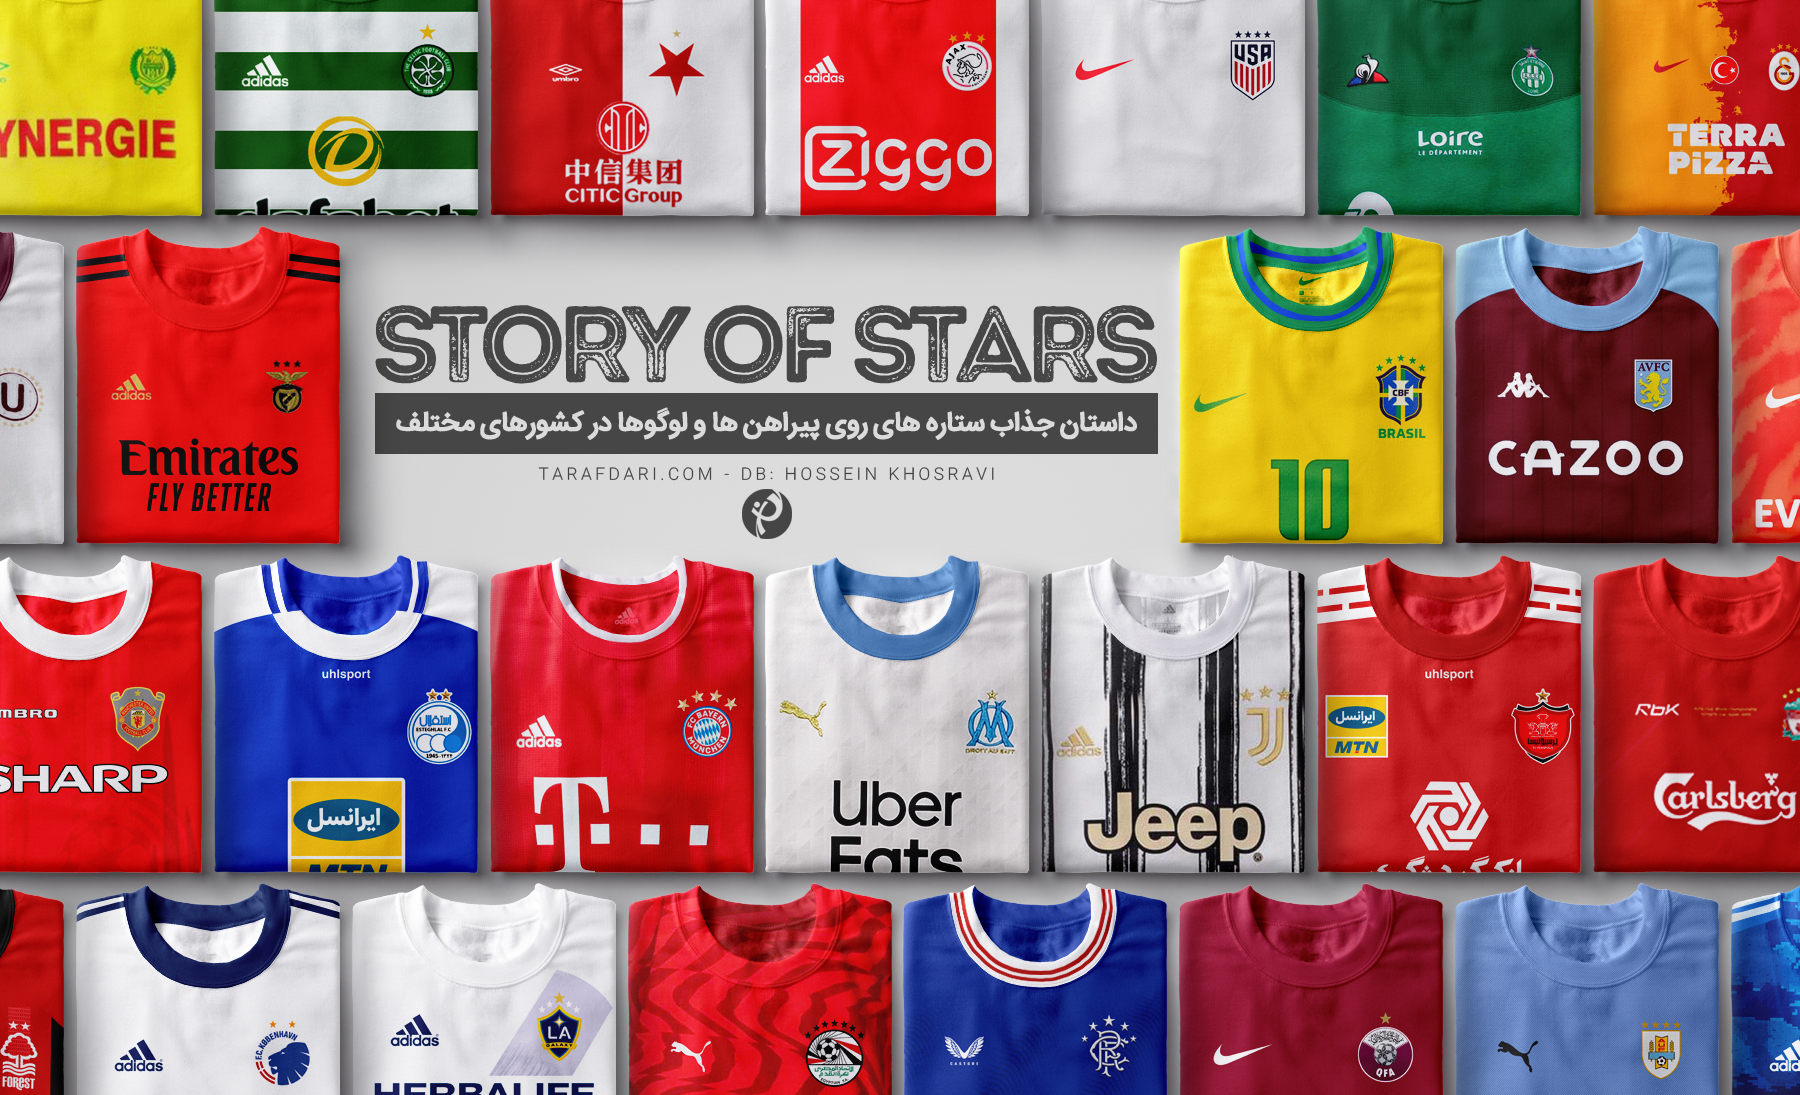 درج ستاره روی پیراهن و لوگوی تیم های فوتبال